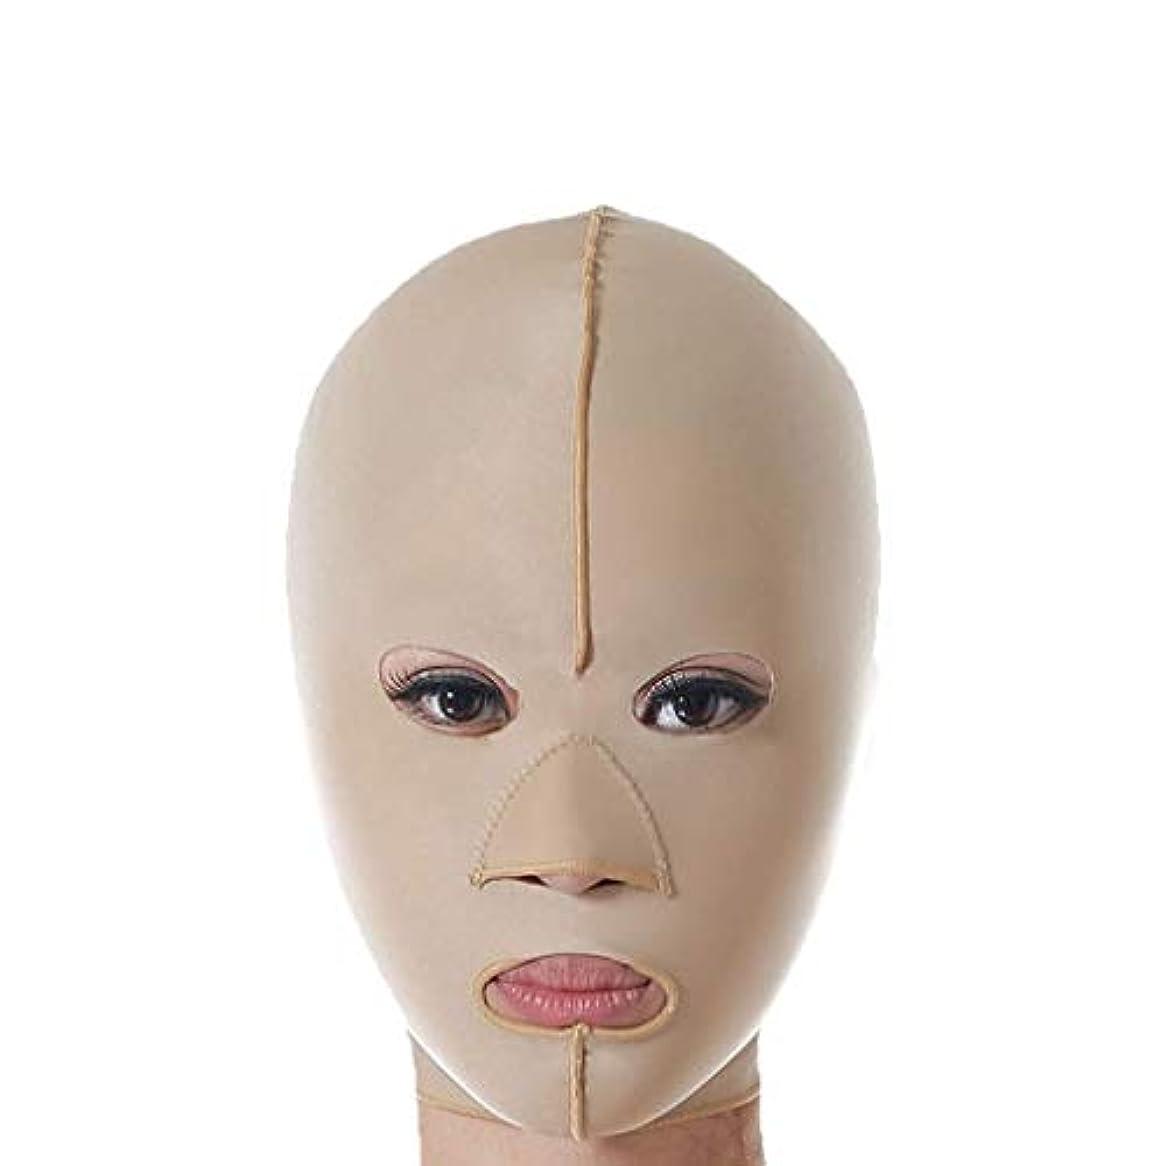 必要とする再現する解釈的減量フェイスマスク、リフティング包帯、スリムフェイスリフトリフティングベルト、フェイシャル減量リフティング包帯、リフティングファーミング包帯(サイズ:XL),XL